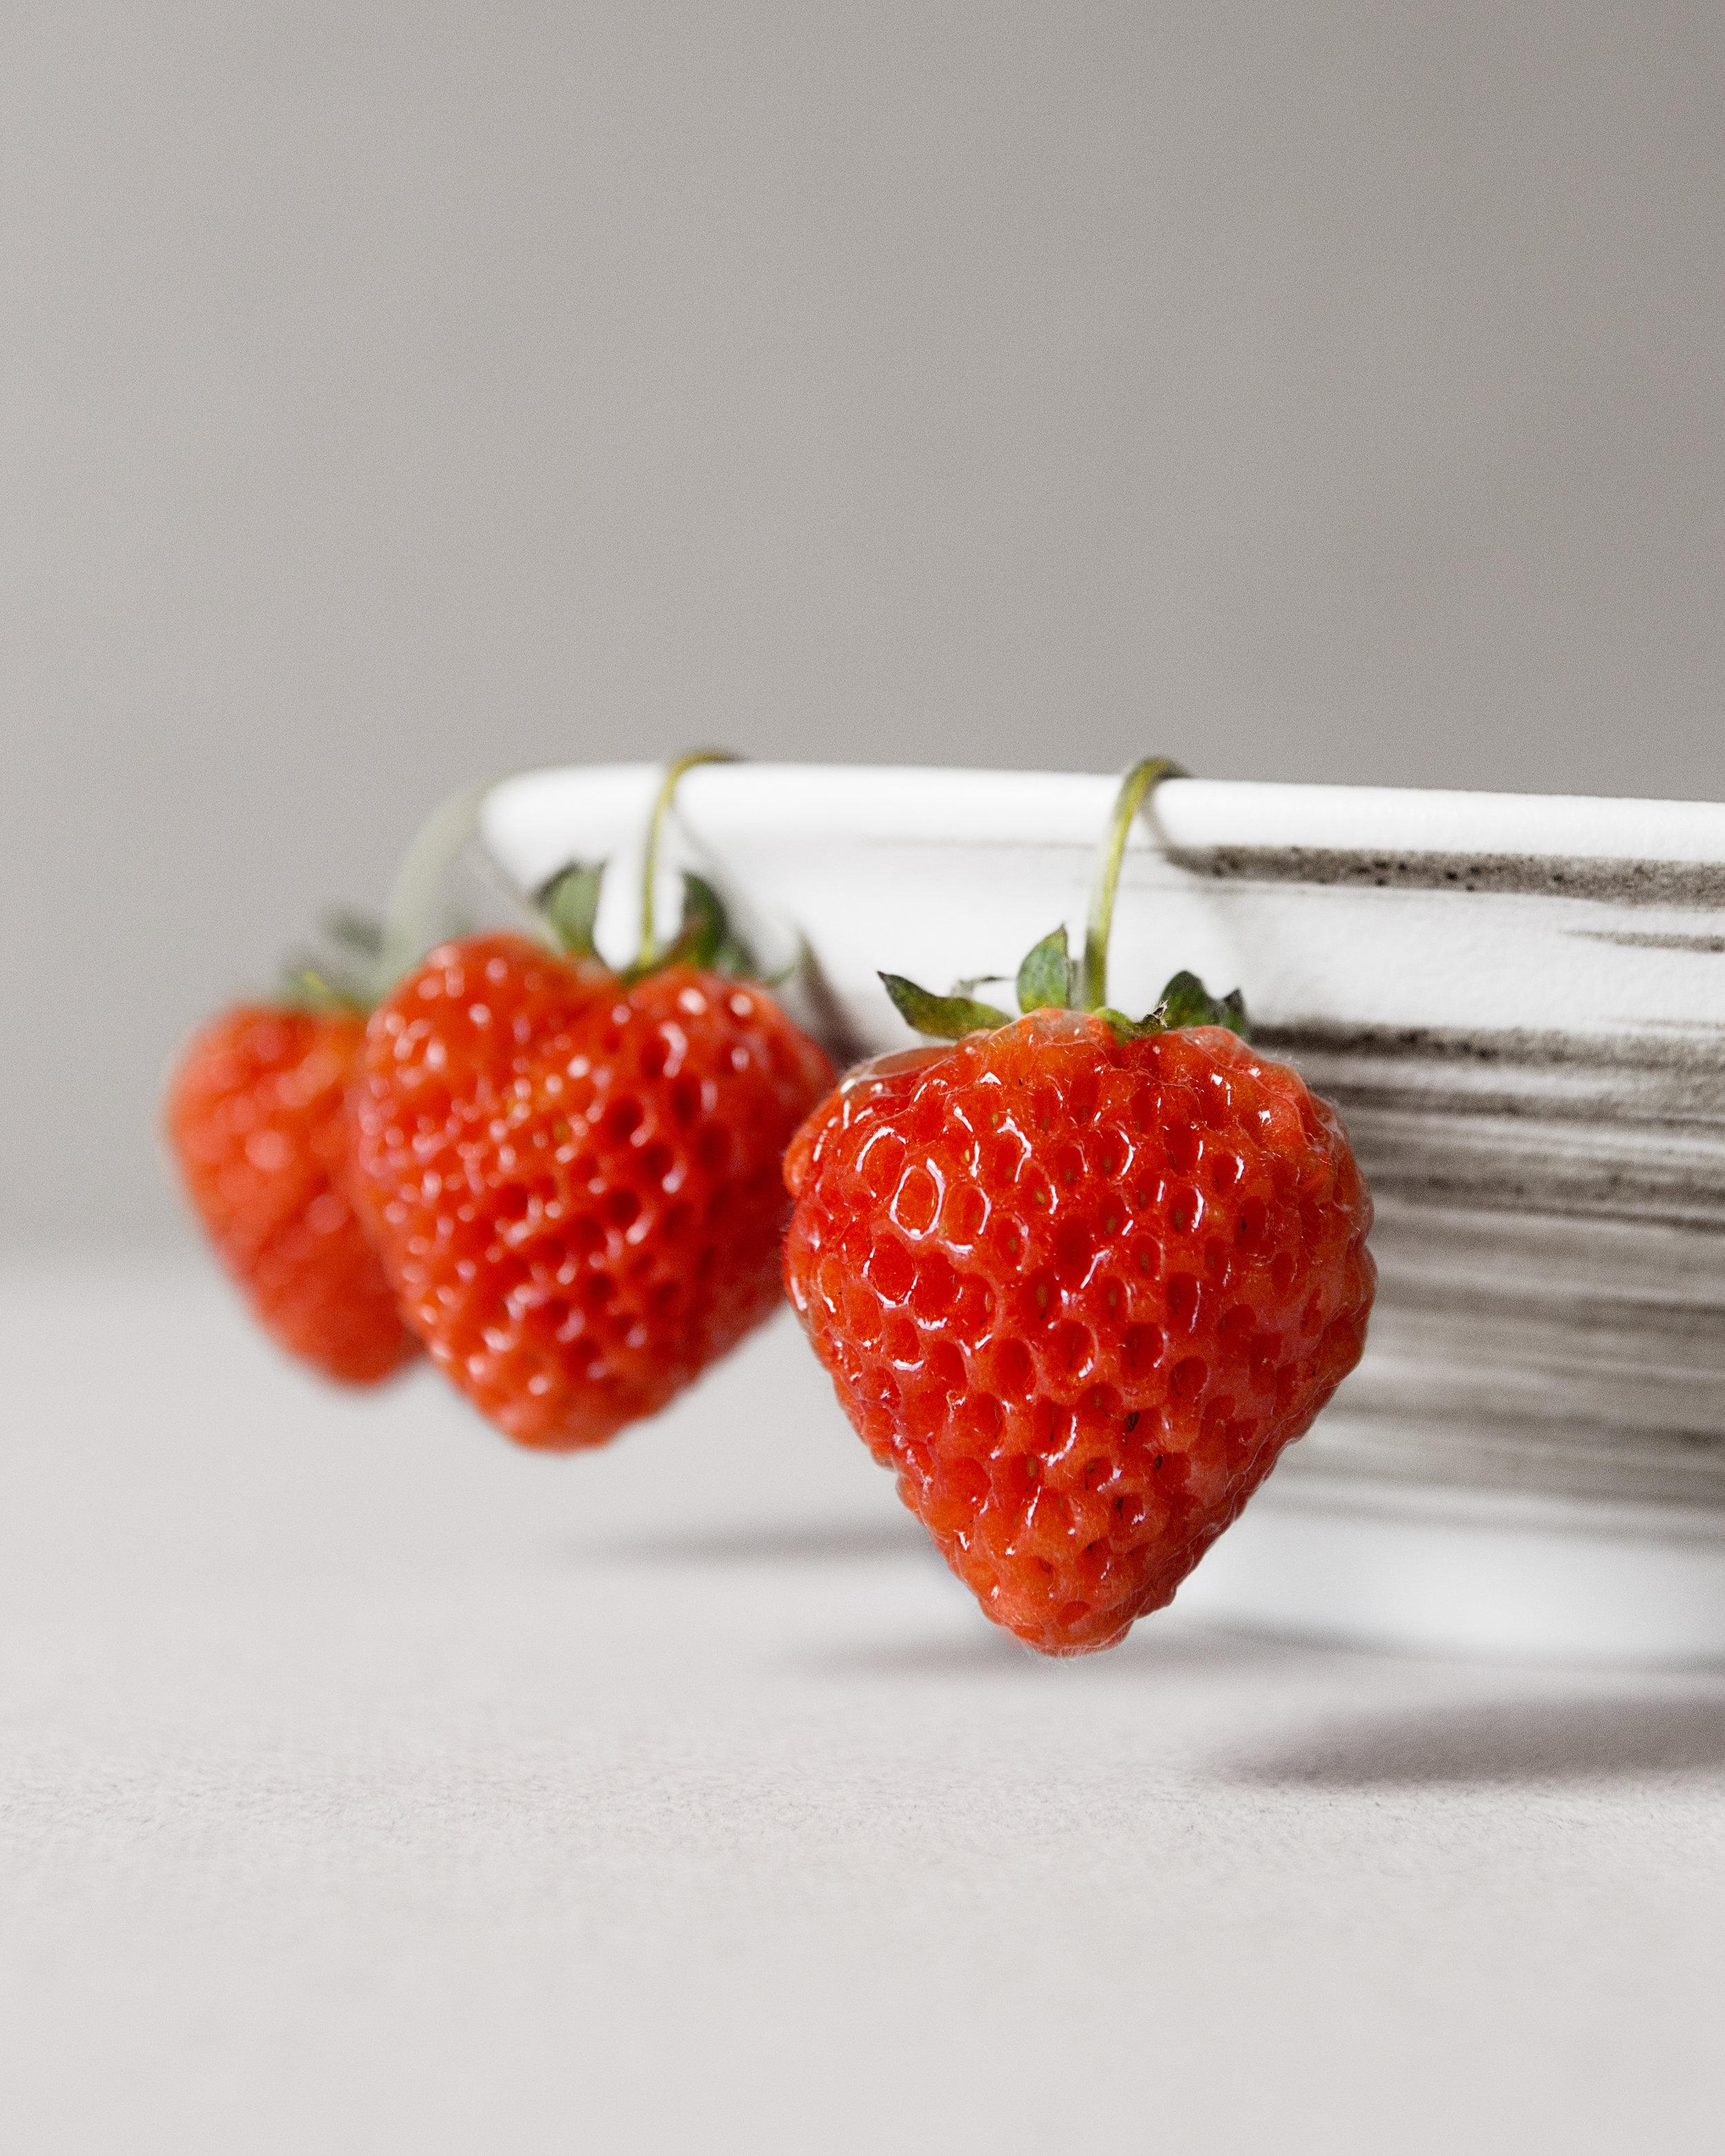 oishii-omakase-berry-2